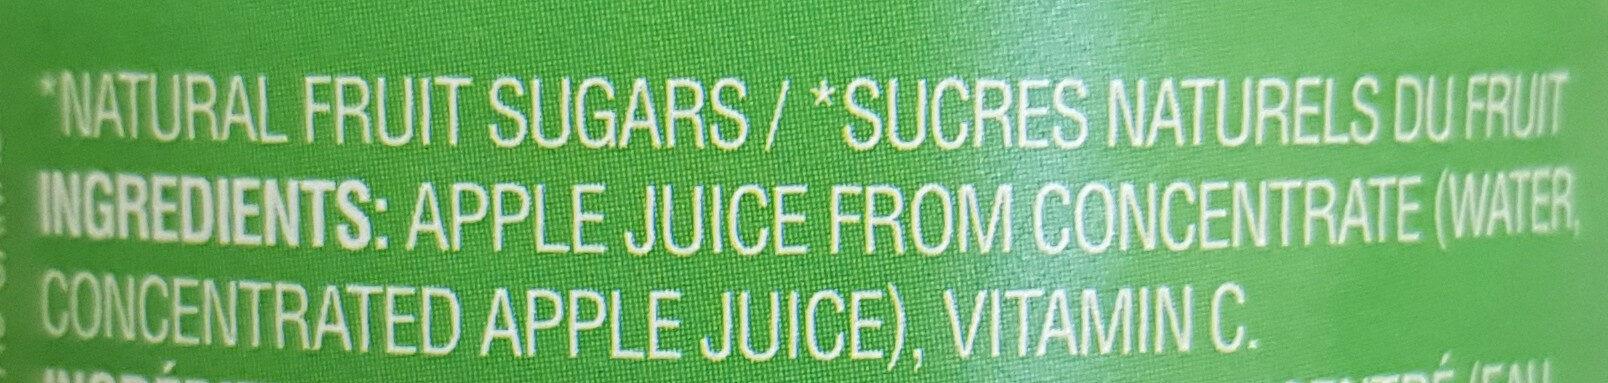 Fairlee - Ingredients